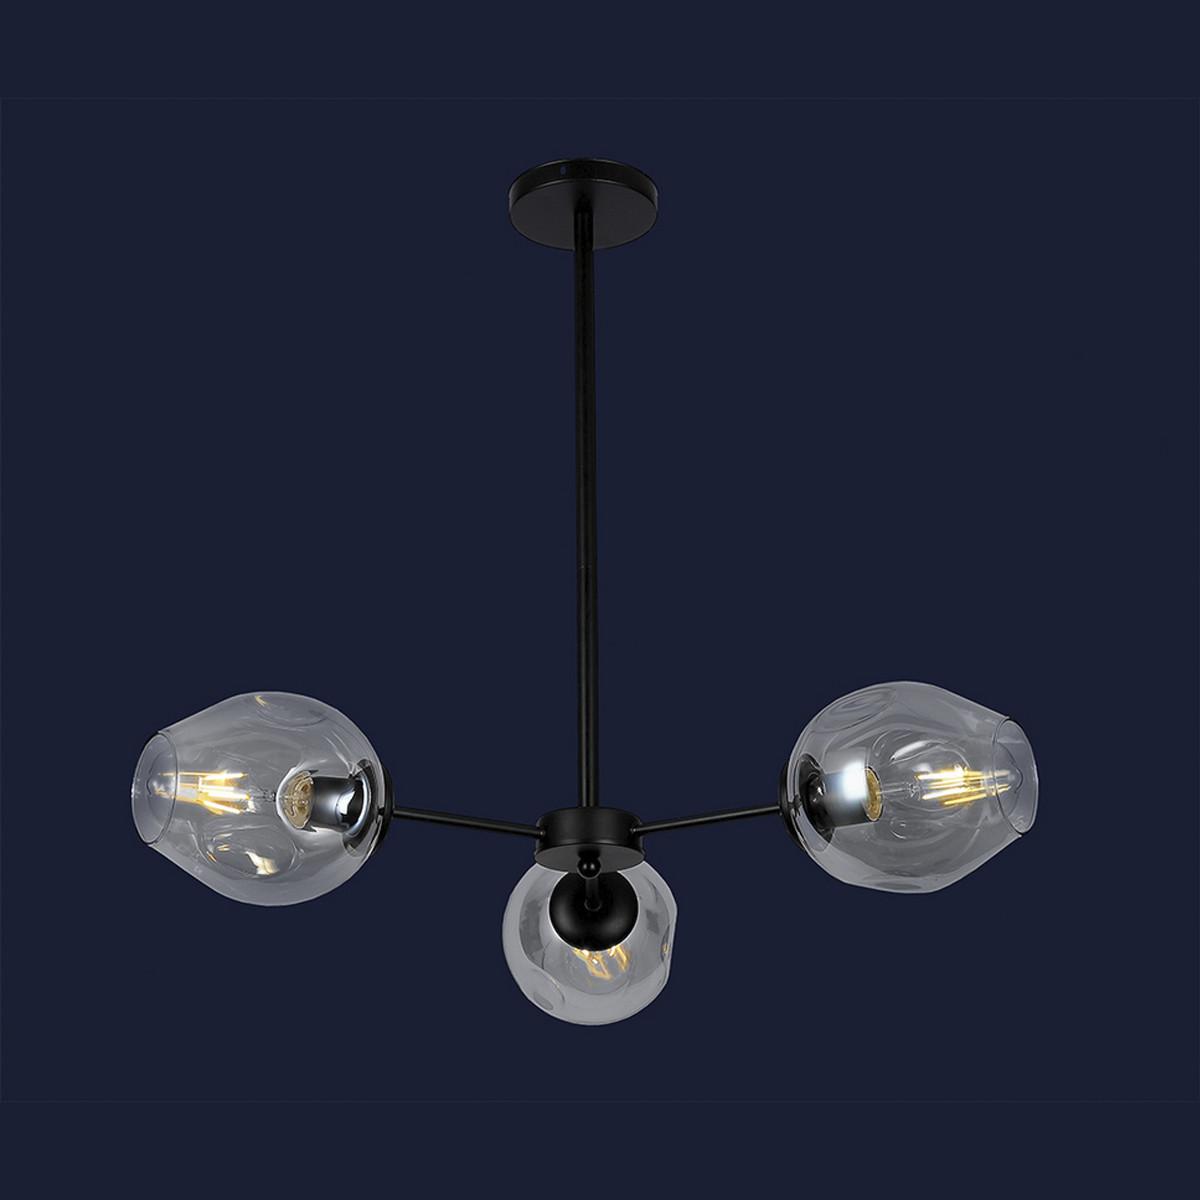 Современная люстра в стиле Loft с шариками цвет черный Levistella&7526039-3 BK+CL